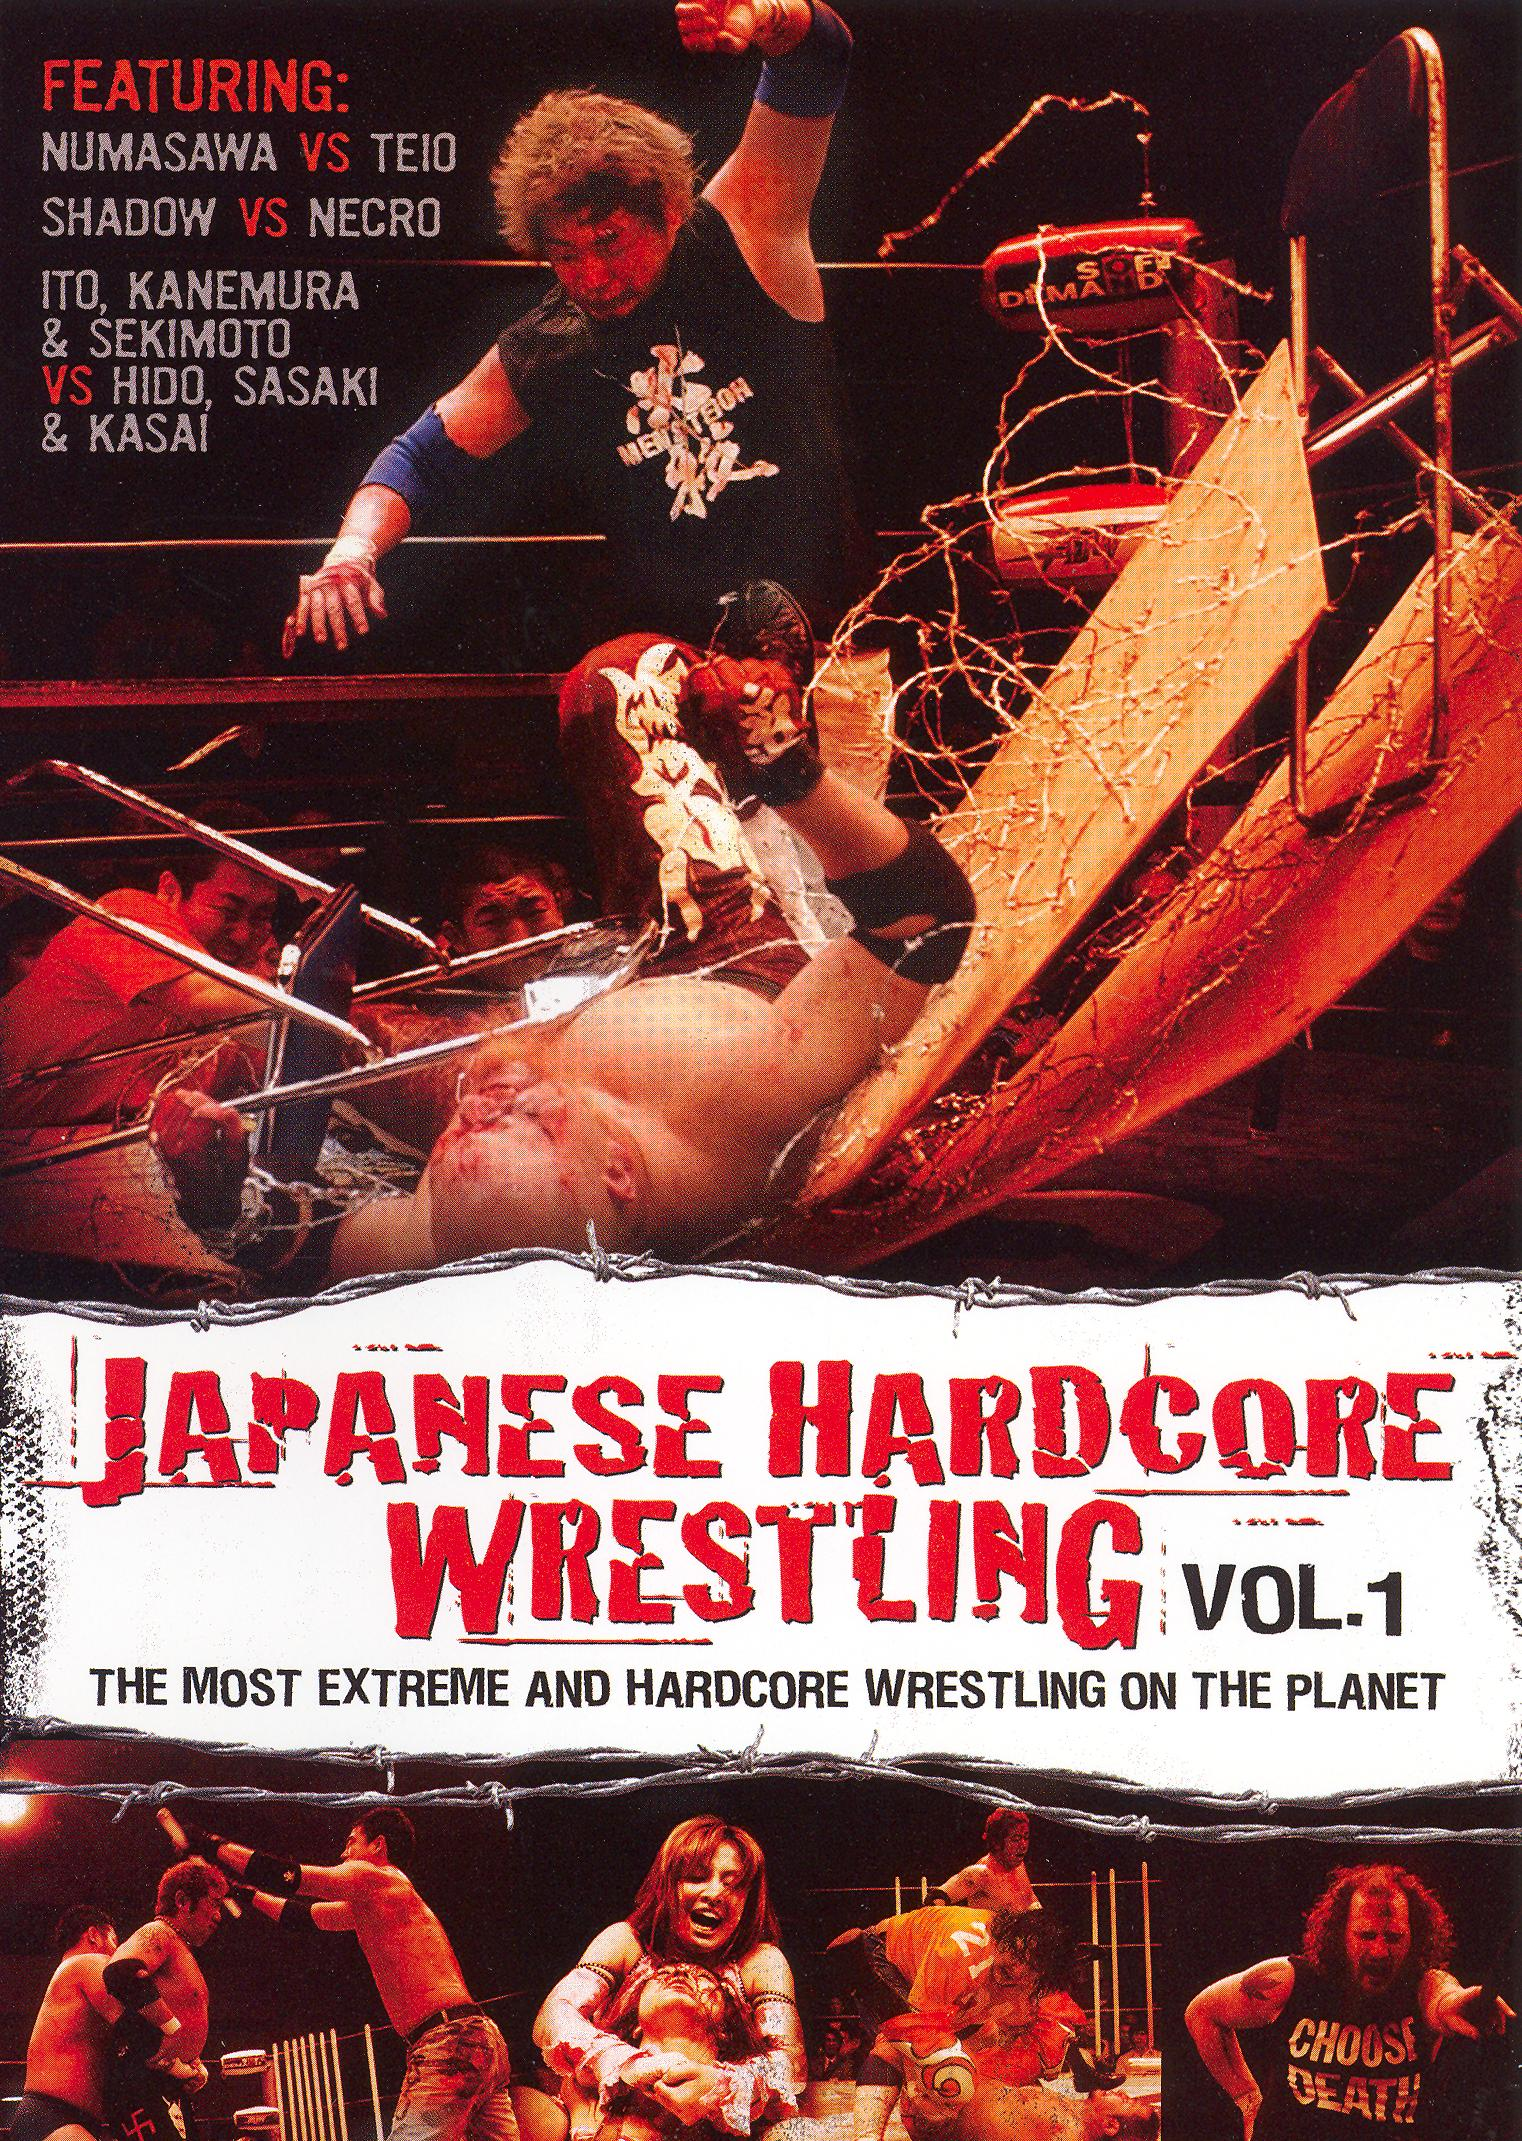 Japanese Hardcore Wrestling, Vol. 1